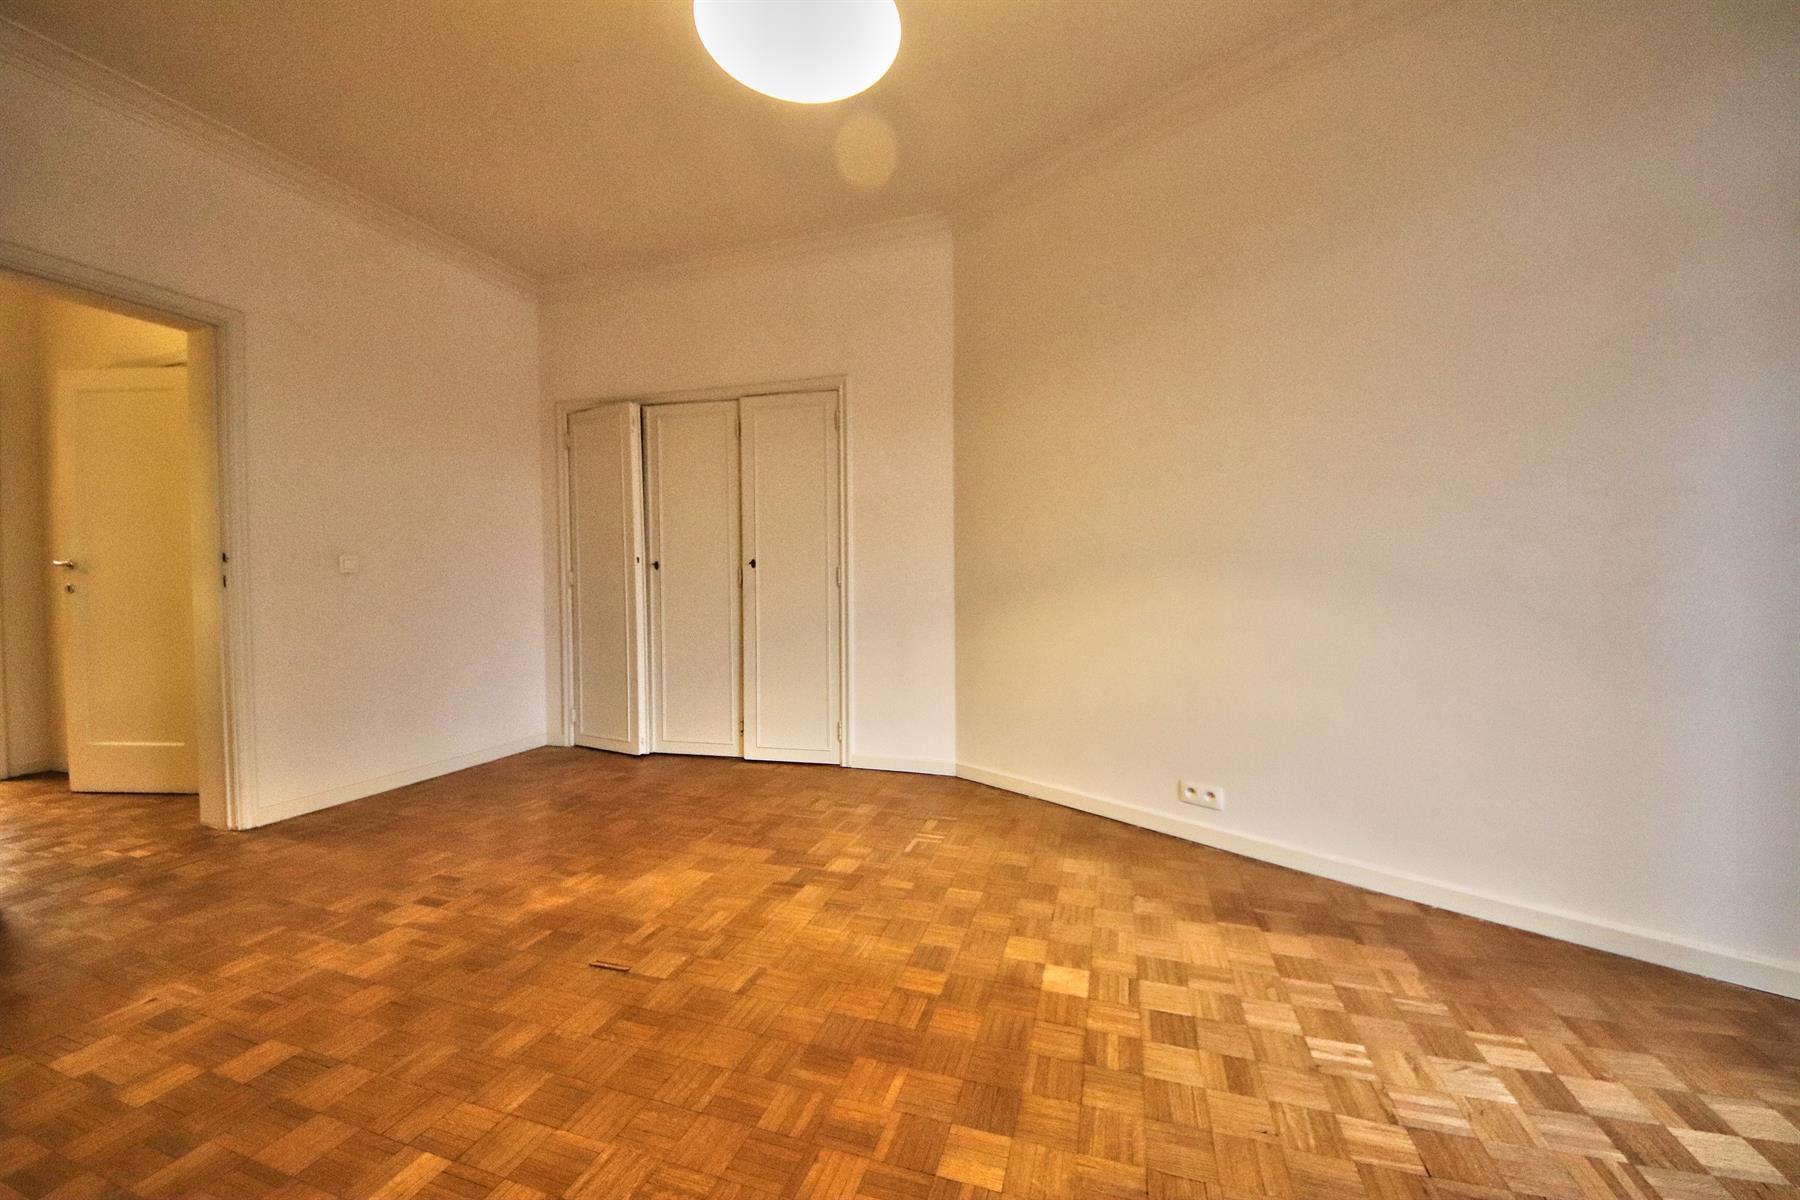 Appartement - Woluwe-Saint-Pierre - #4256600-5